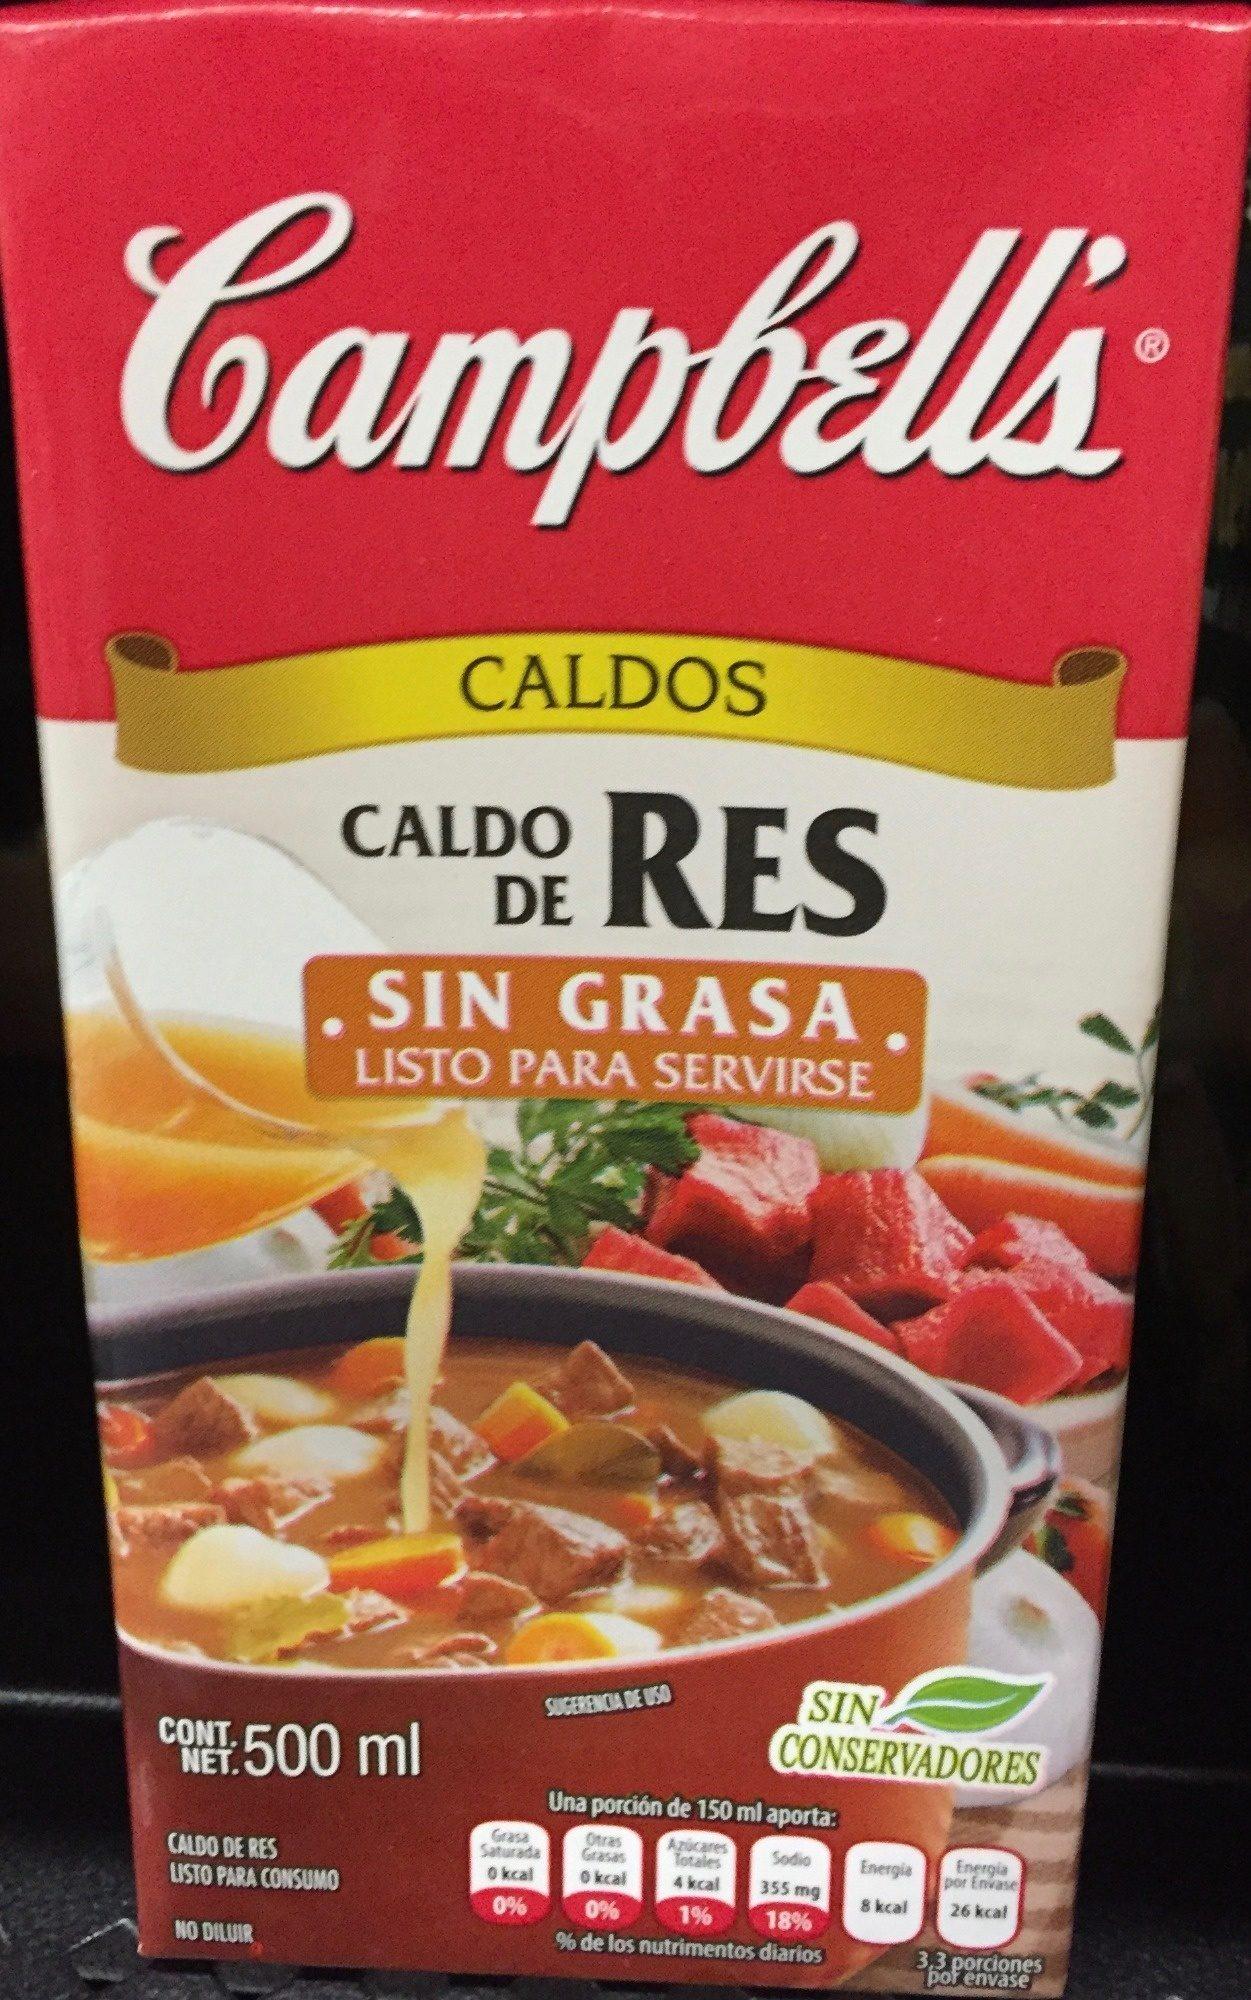 CALDO DE RES SIN GRASA - Producto - es